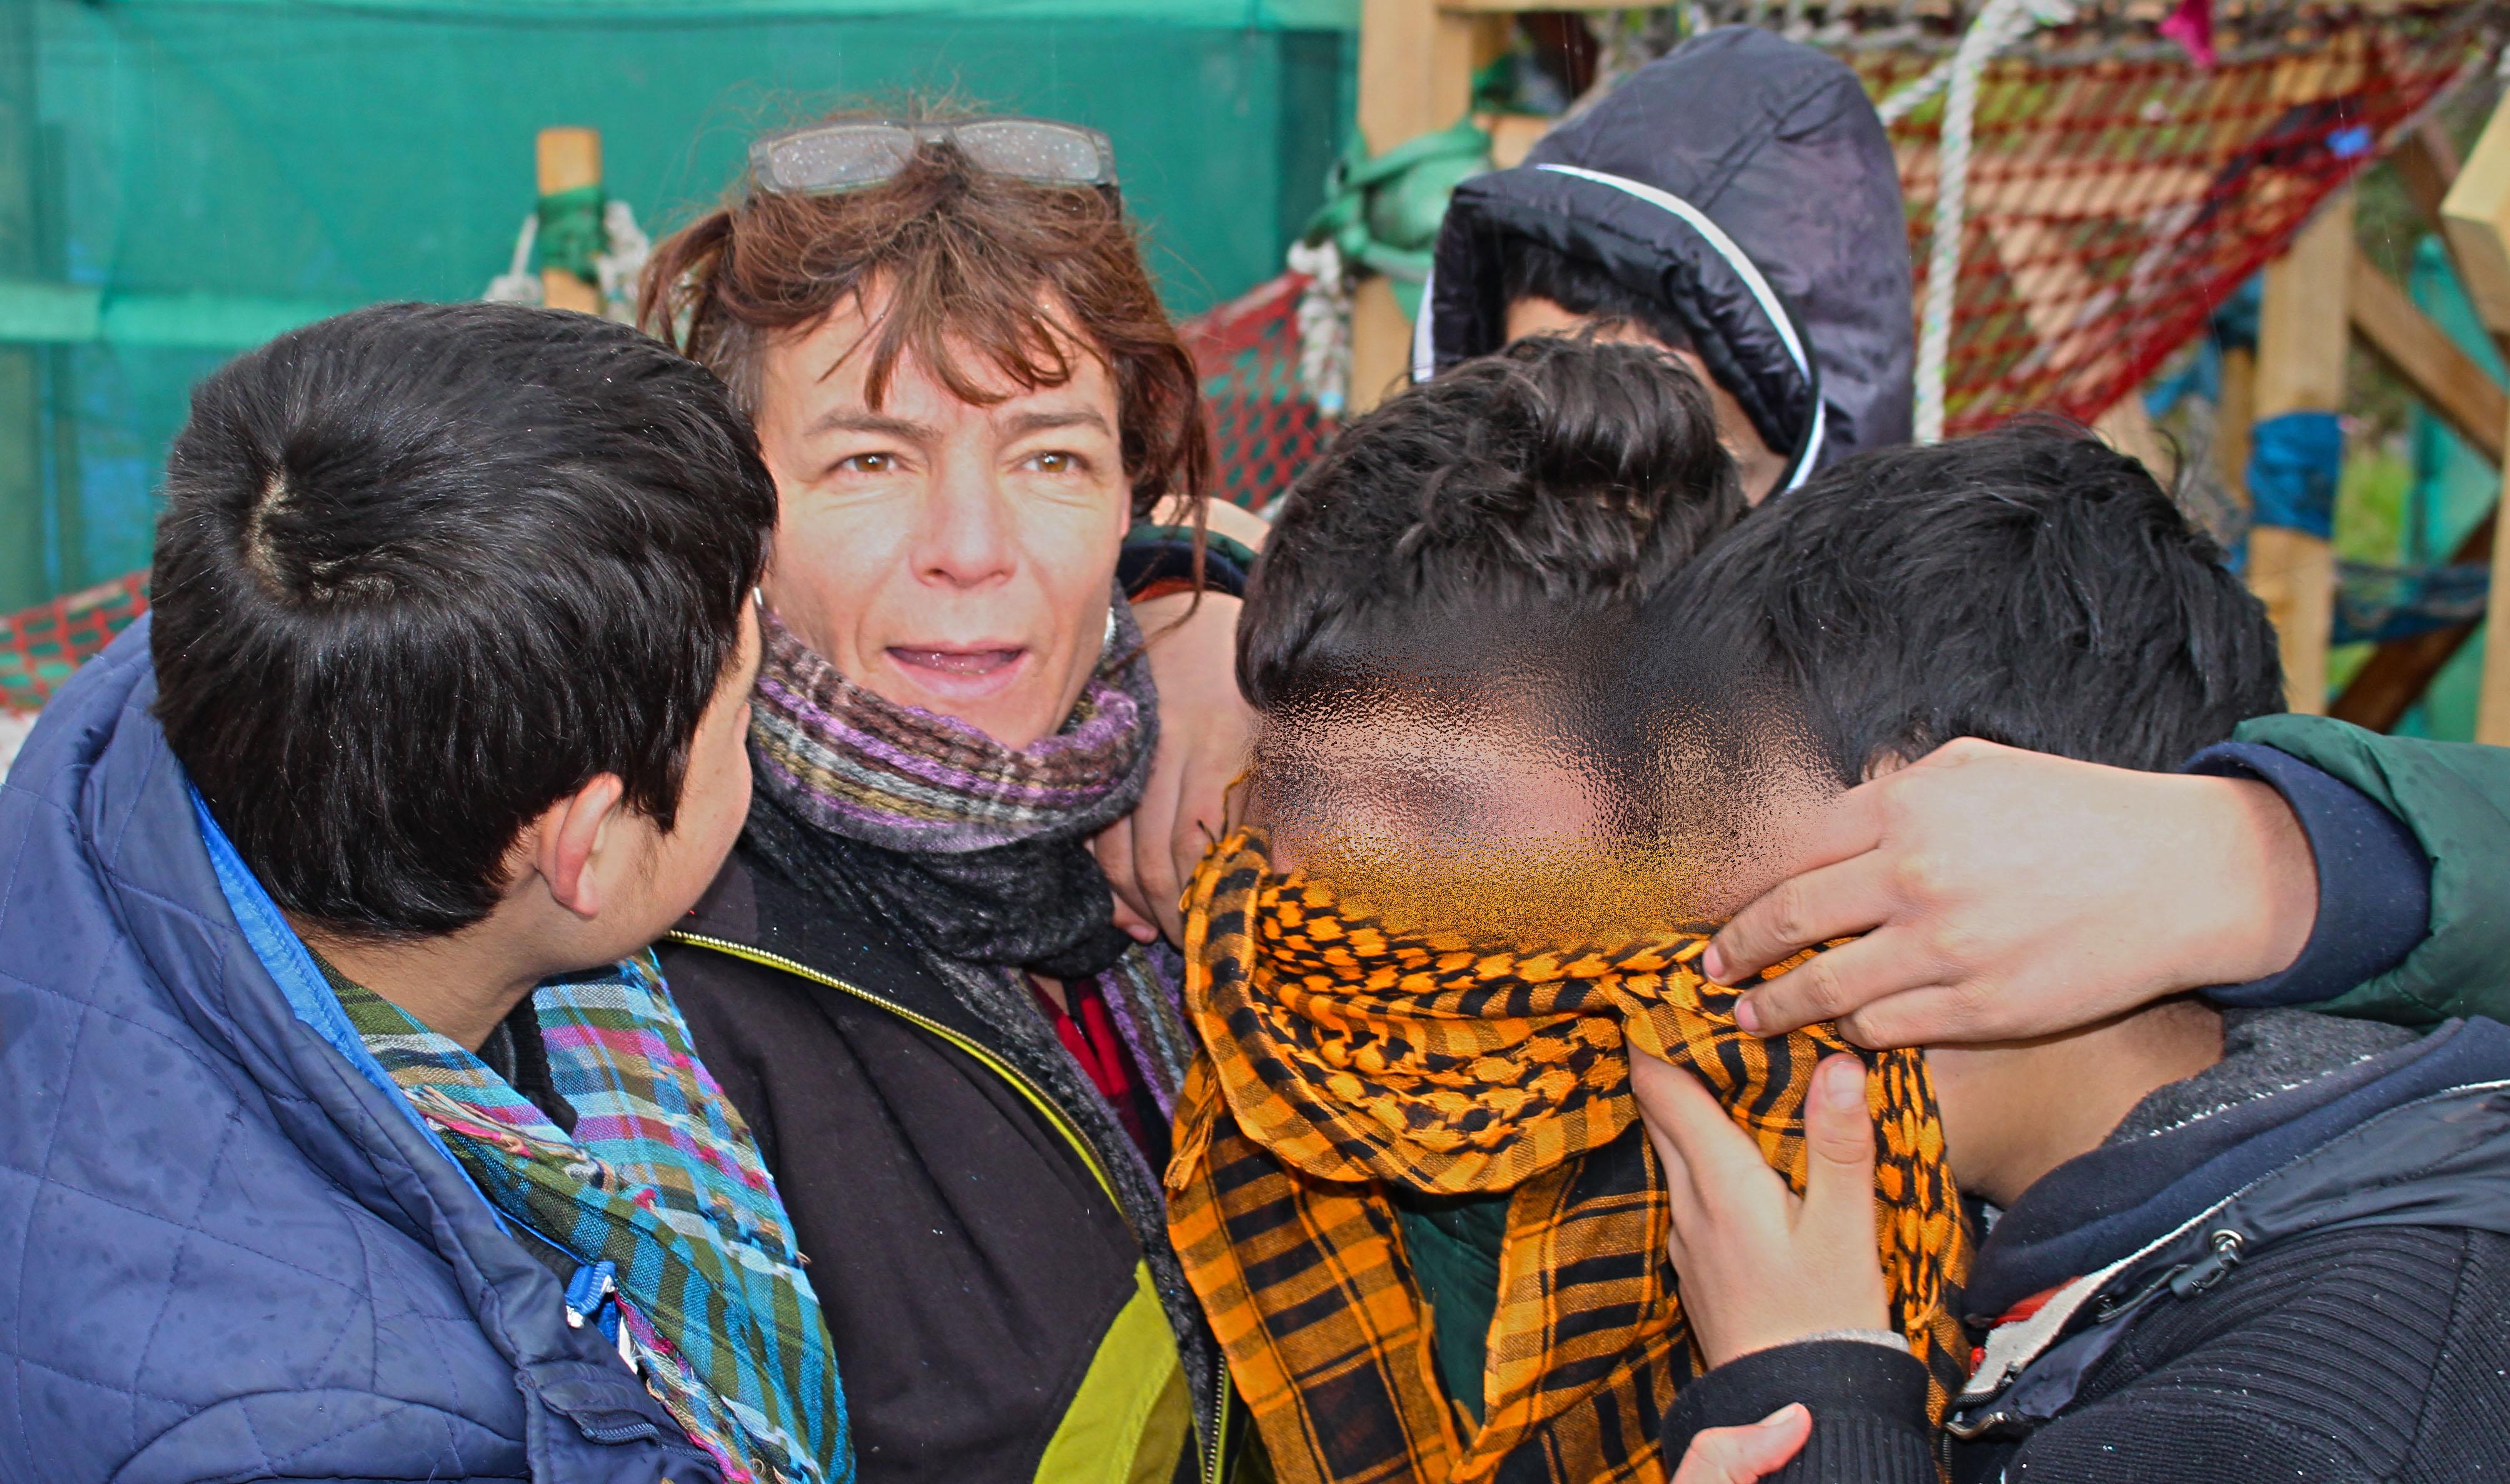 Liz and Children. Calais. February 2016, D. Sippel.